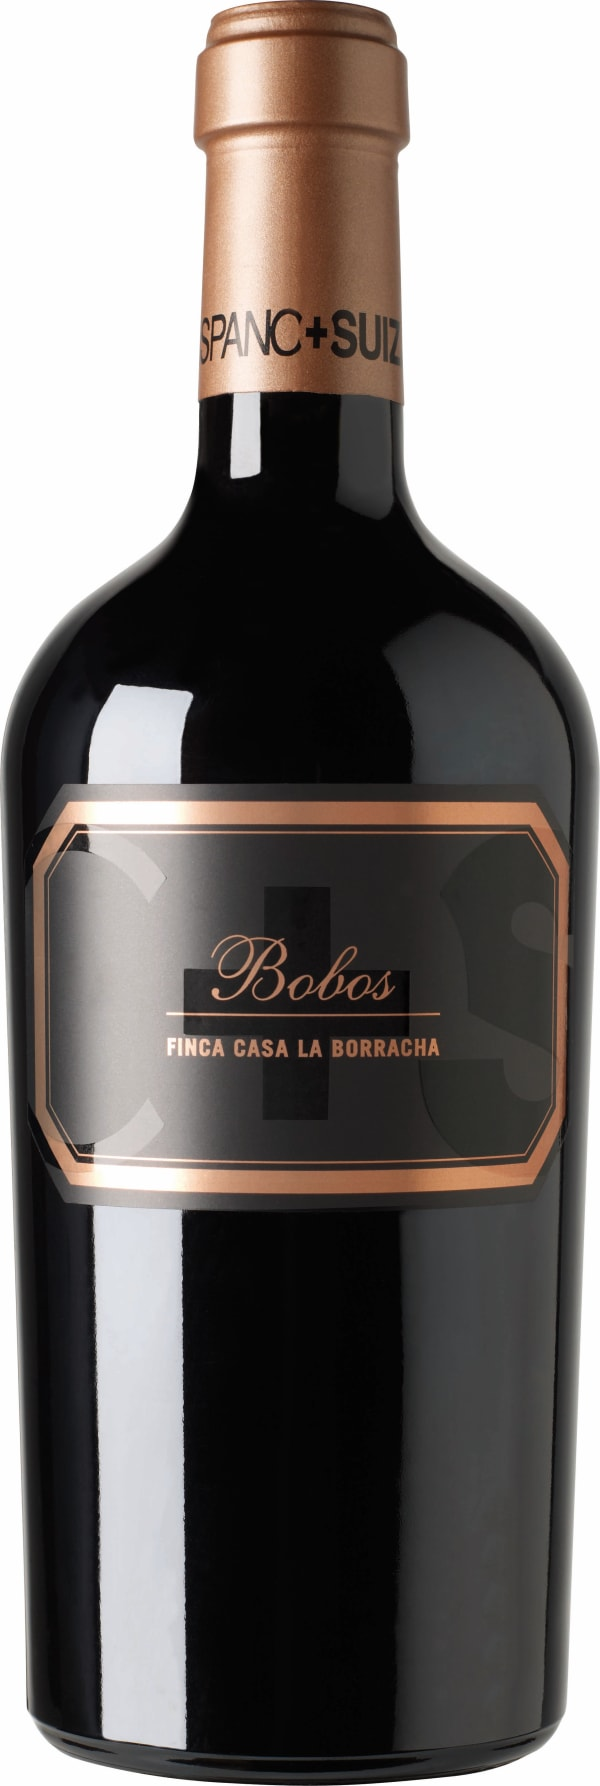 Hispano+Suizas Bobos 2015